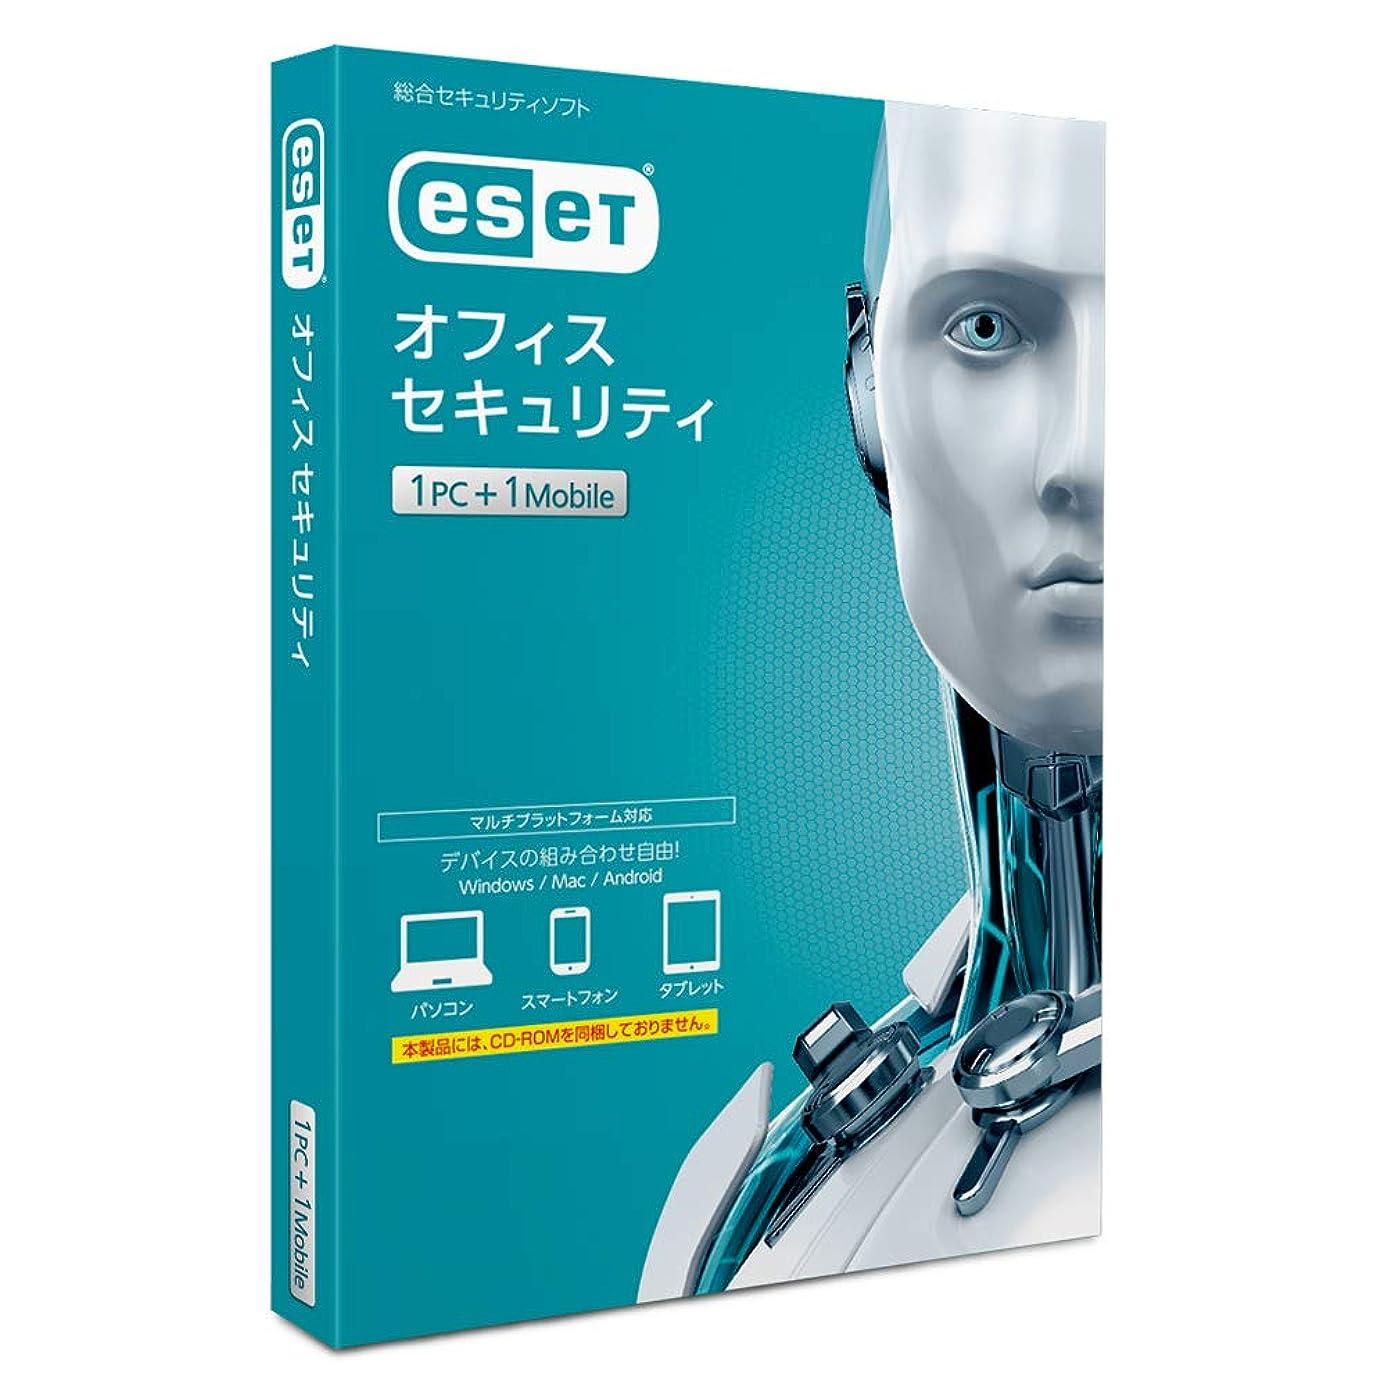 玉スパイラル水ESET オフィス セキュリティ(最新)|1PC+1モバイル|Win/Mac/Android対応